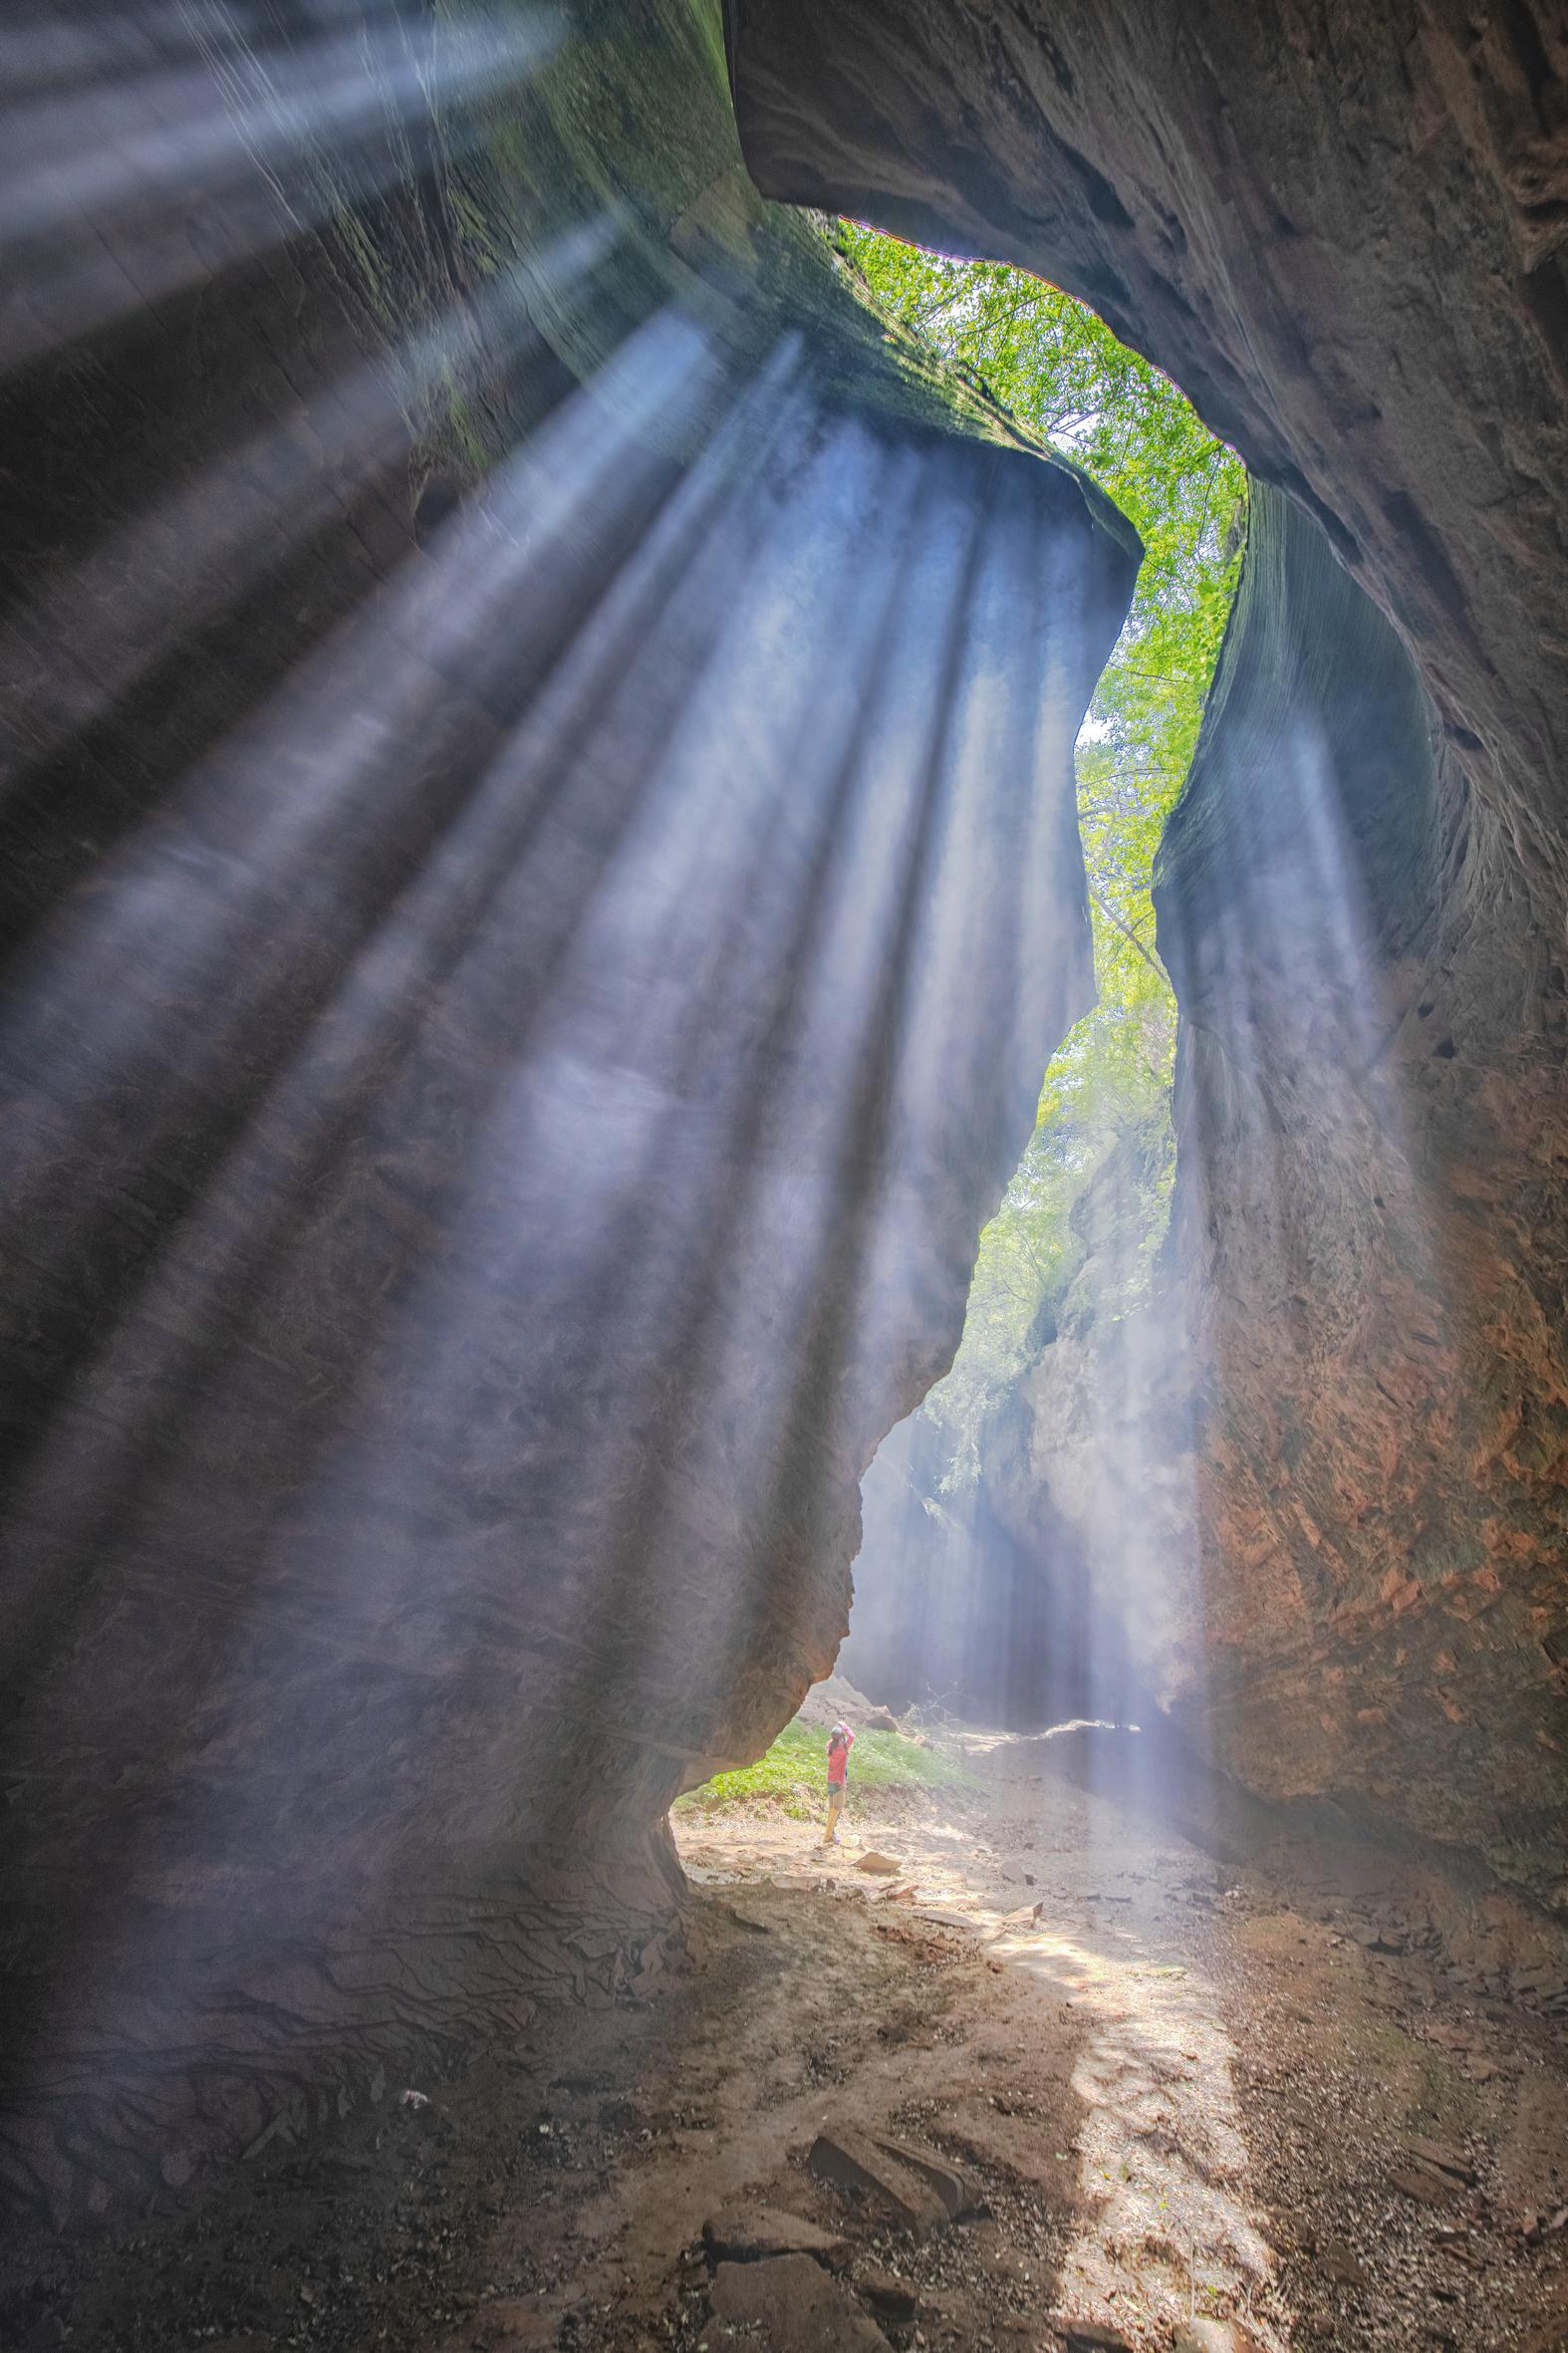 「山人行摄」甘泉大峡谷是有灵魂的立体画廊